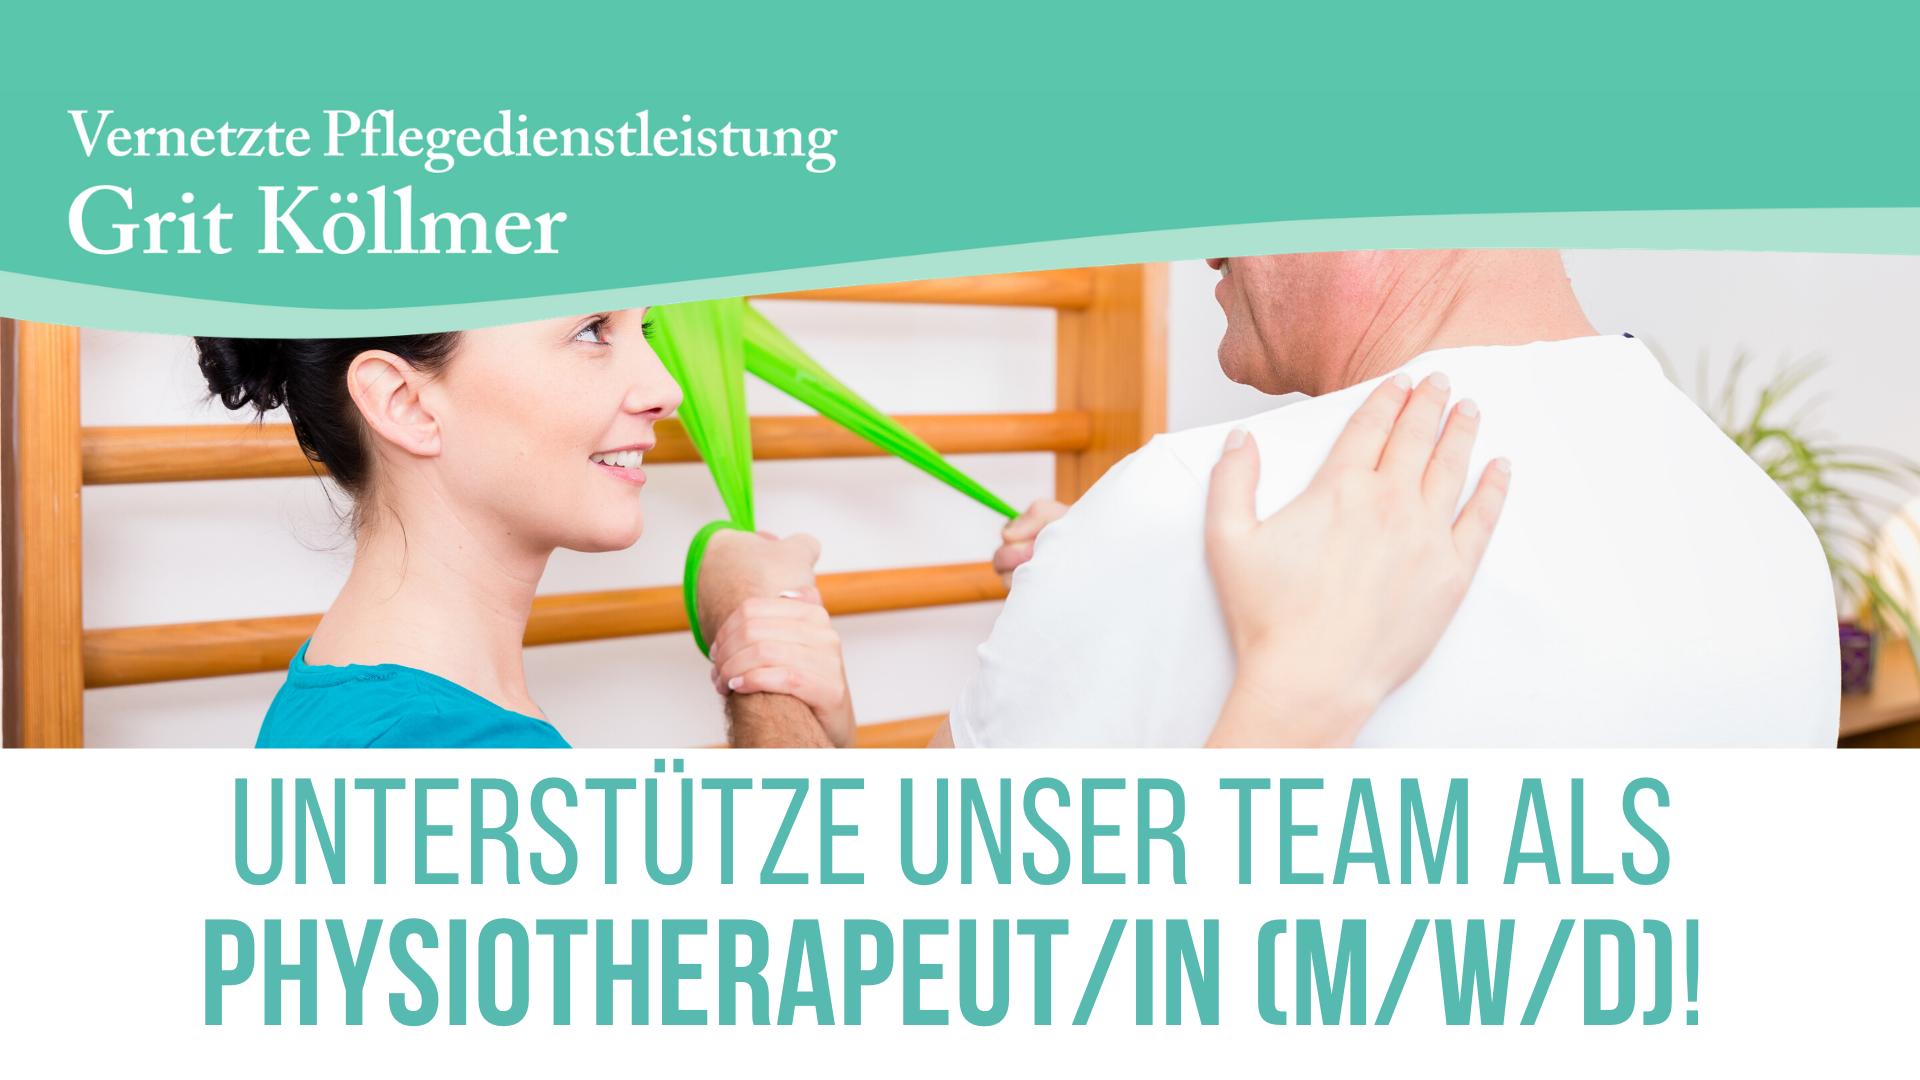 Köllmer-physiotherapeut-in-job